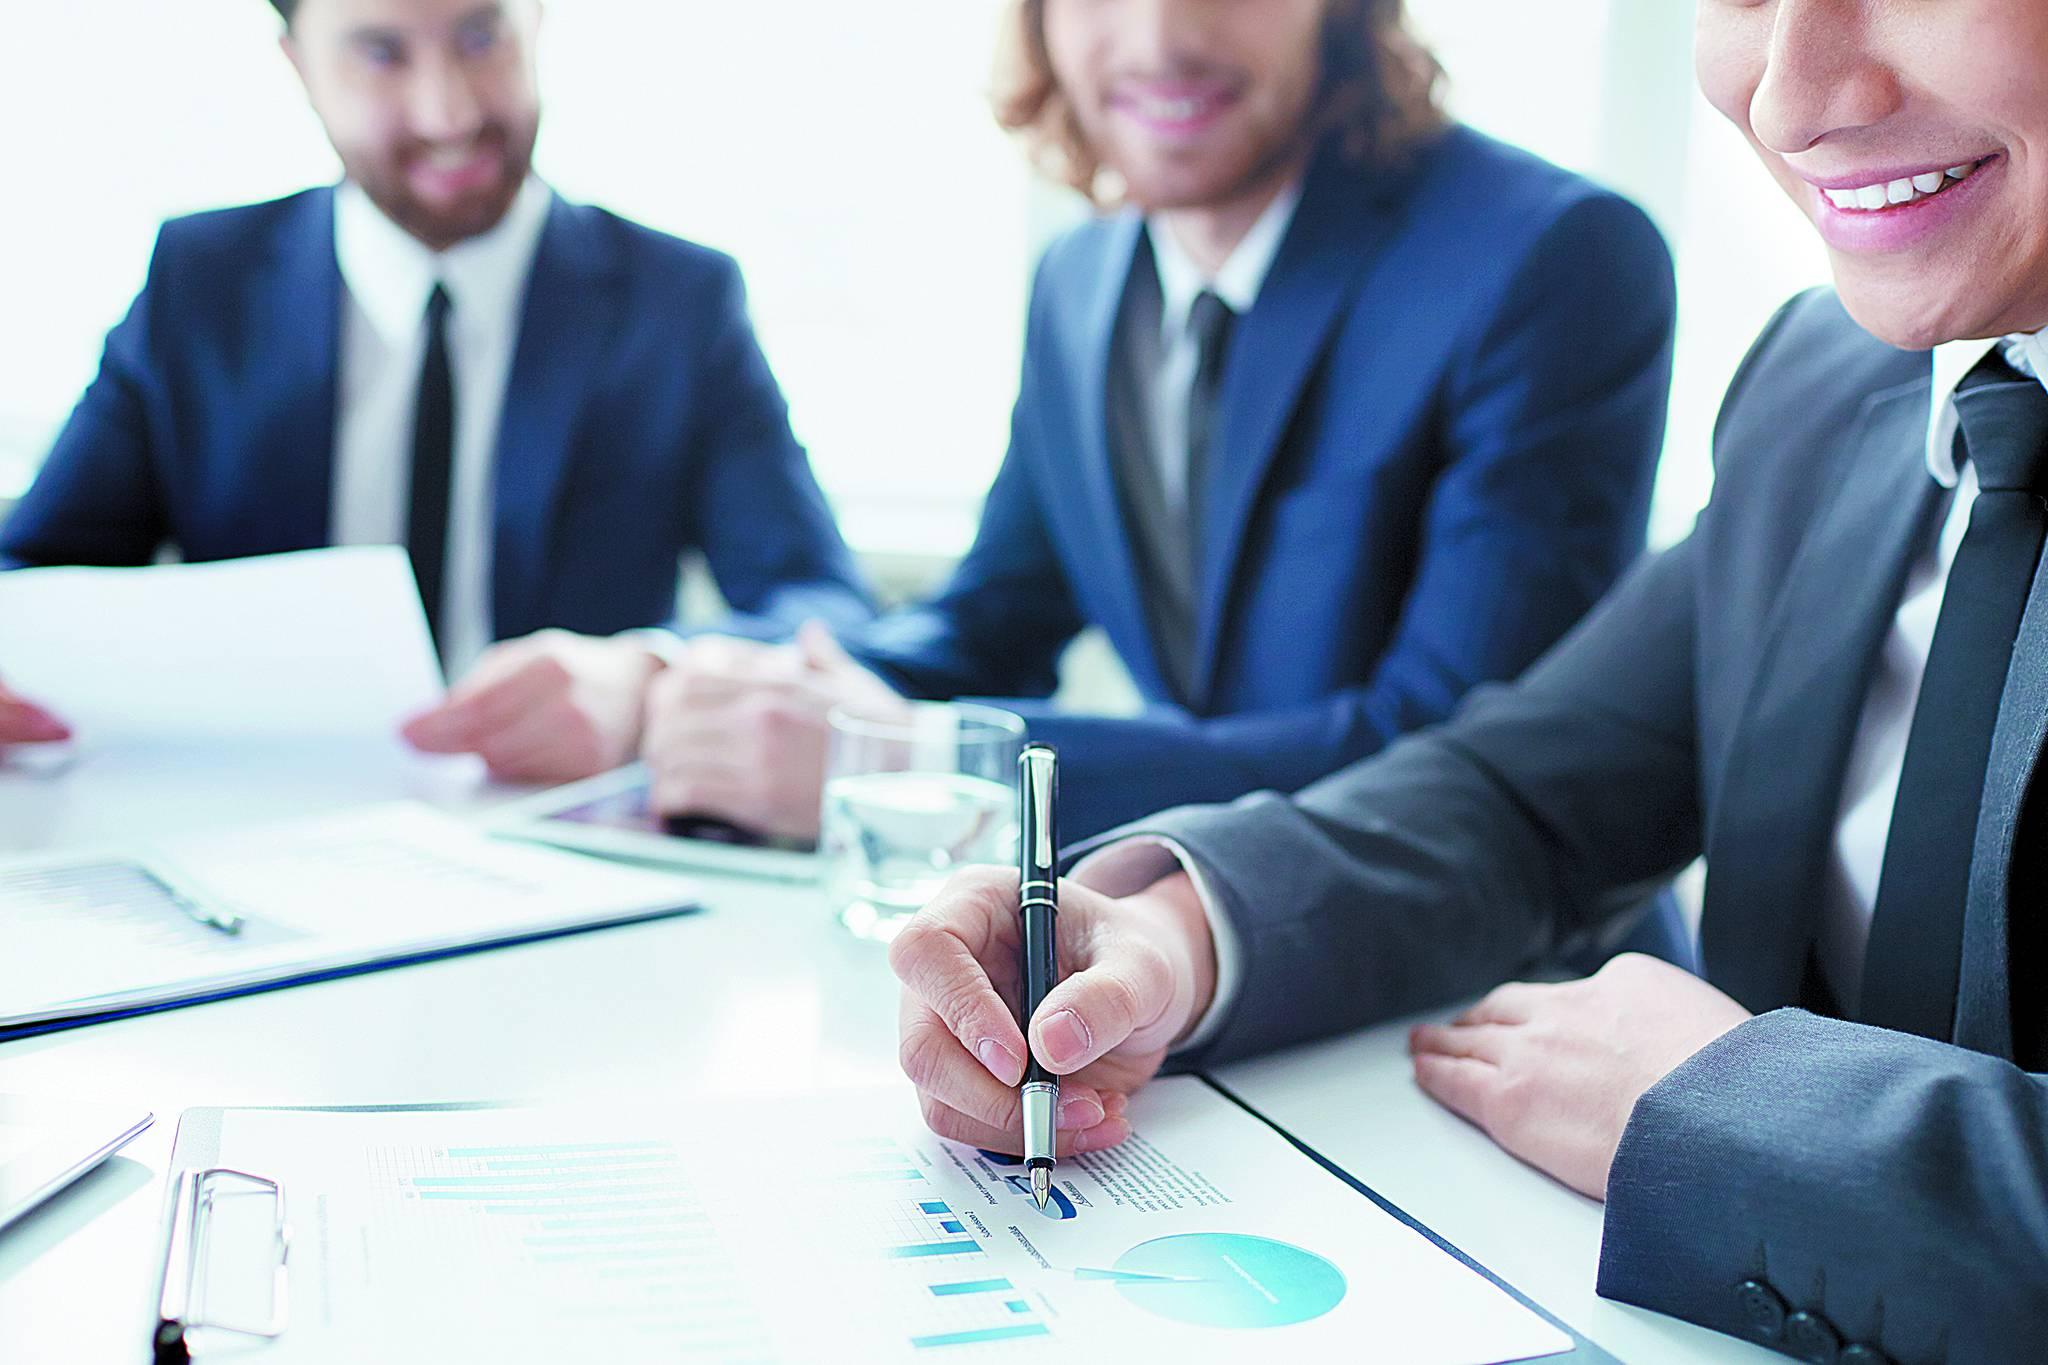 리더십 역량은 커뮤니케이션 능력, 인재육성 및 관리 능력, 인재를 끌고나가는 능력 등이 포함되어 있는 복합적인 능력이다.[사진 Freepik]